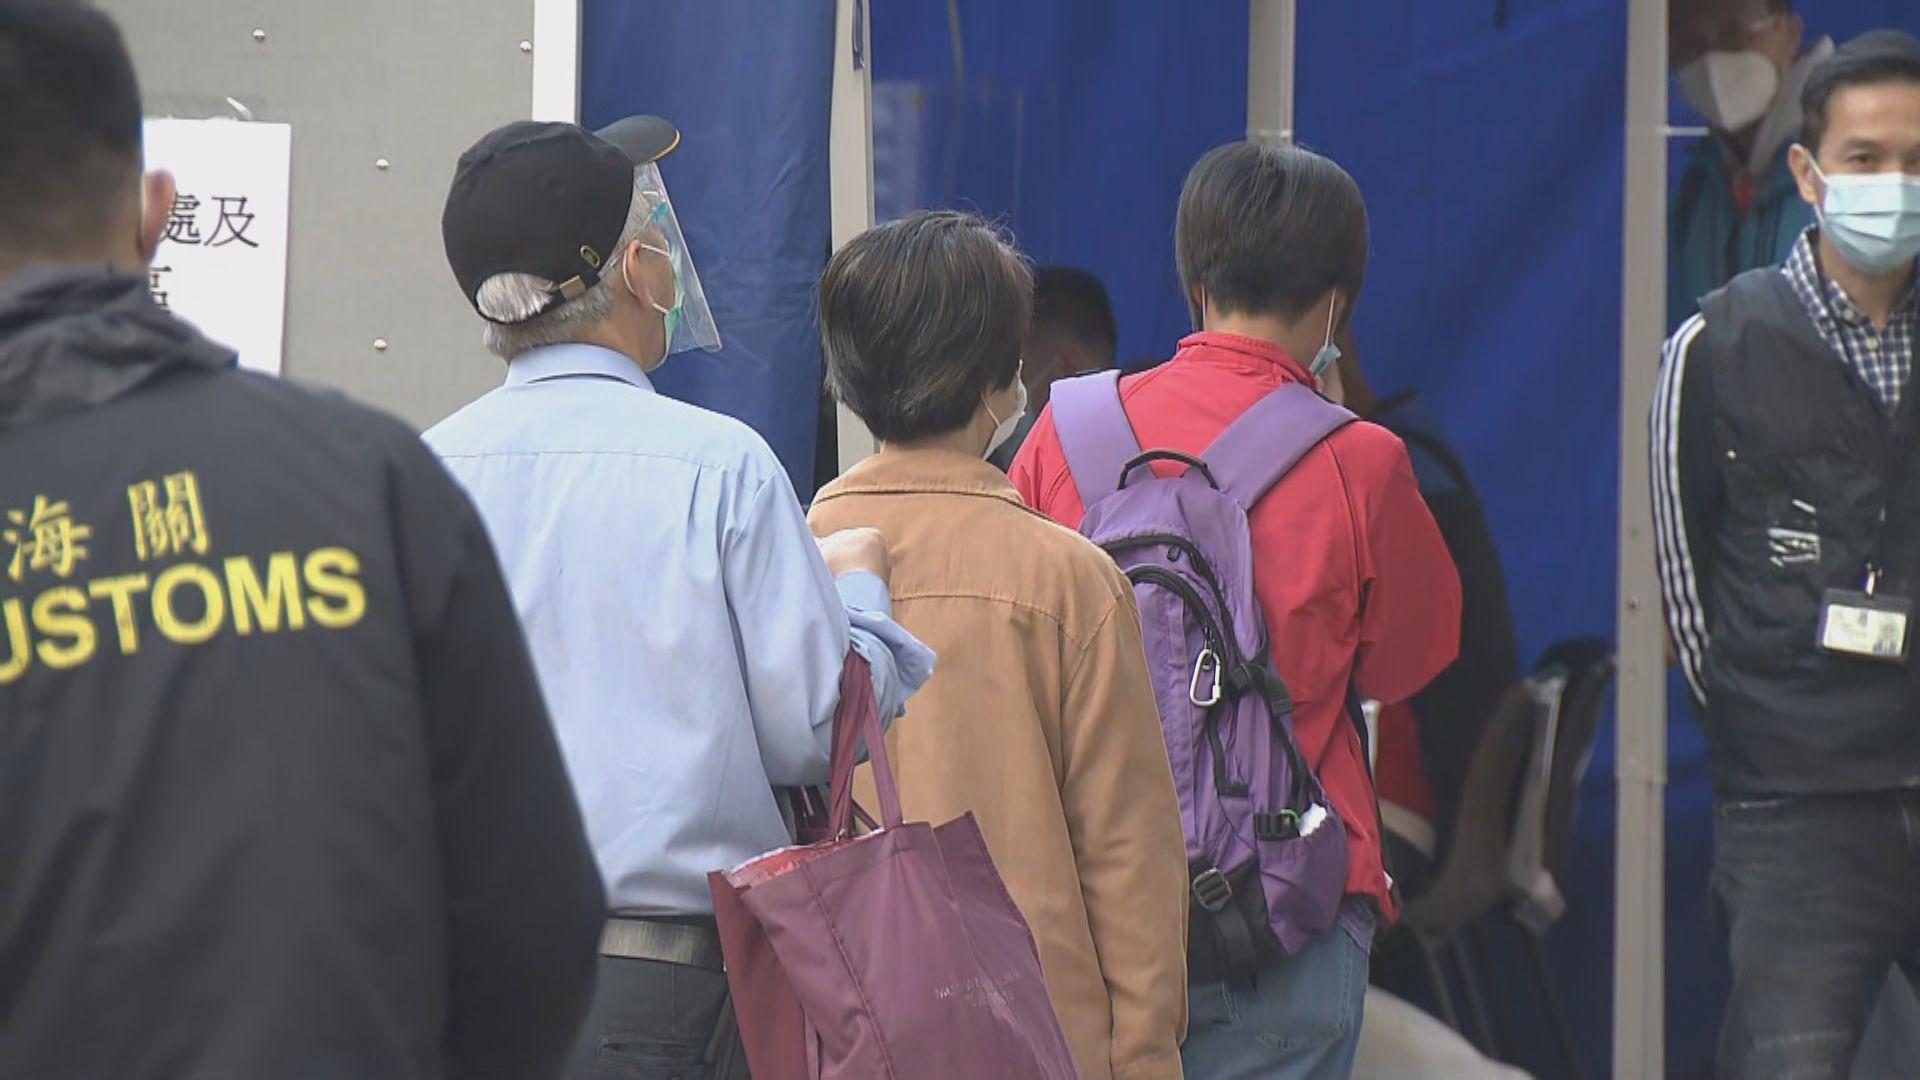 元朗及馬鞍山受限區域逾千人檢測 無確診個案